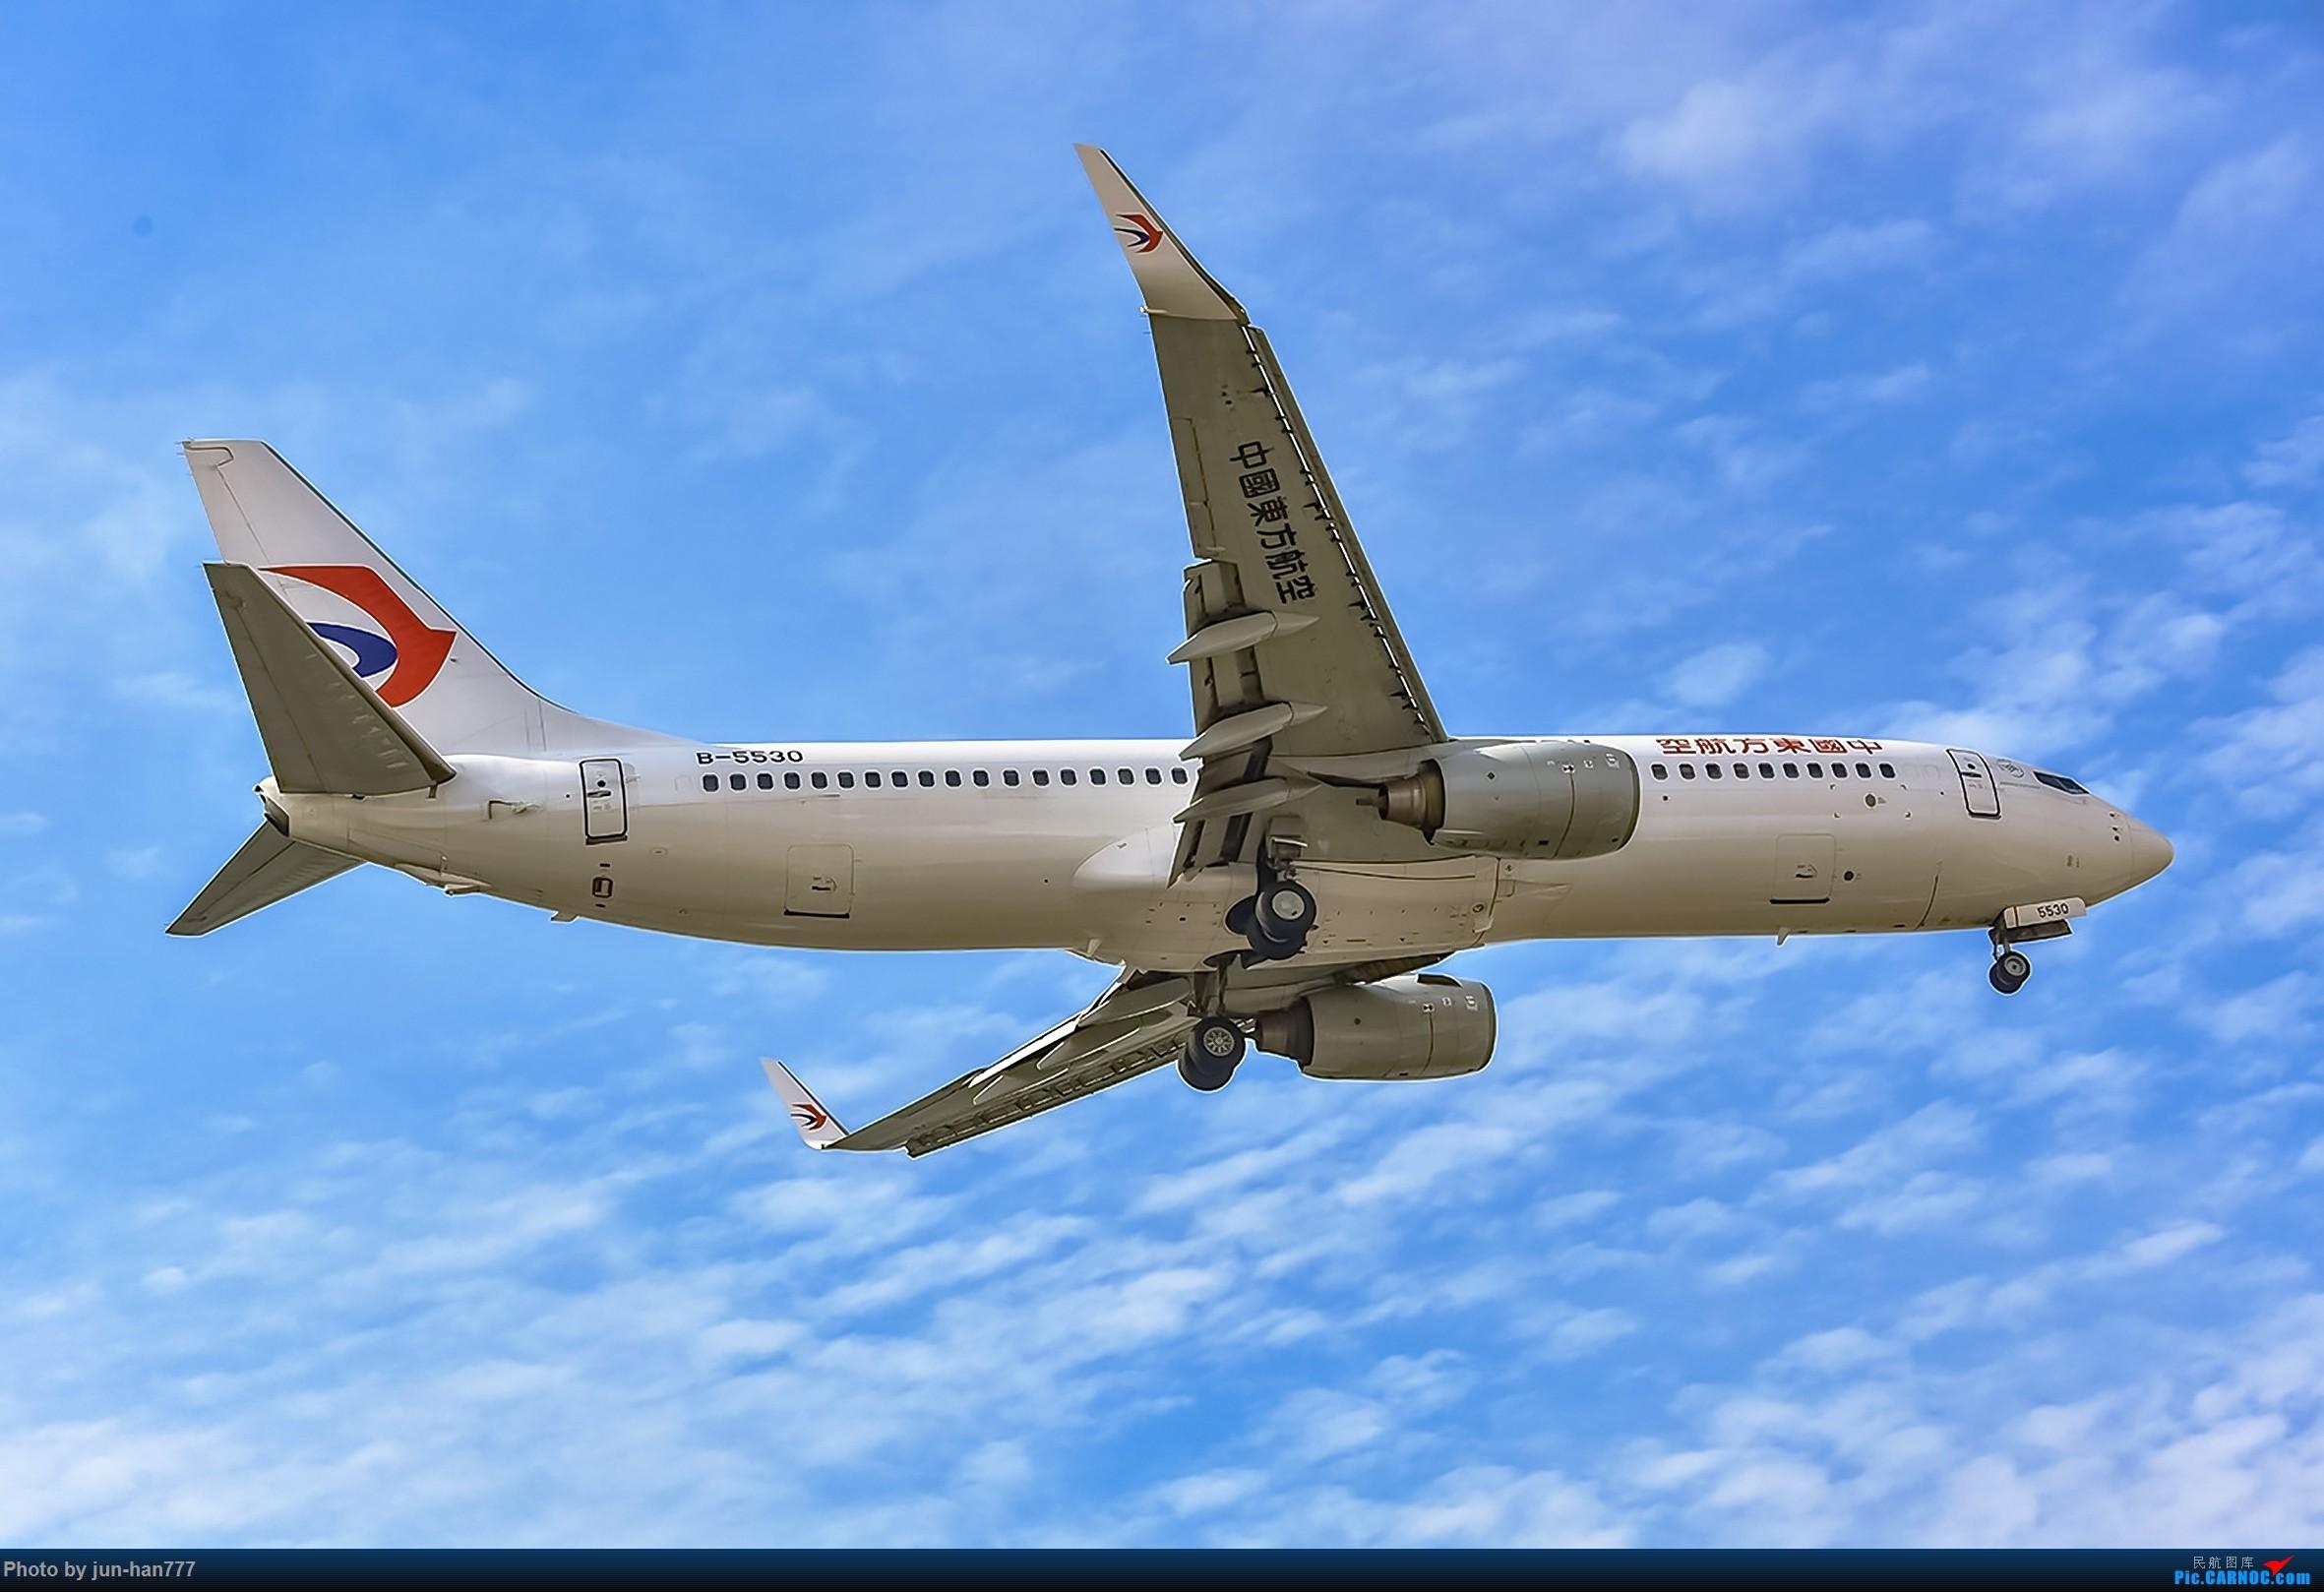 飞机的星形�yb�9�._re:[原创]修图后的飞机 boeing 737-800 b-5530